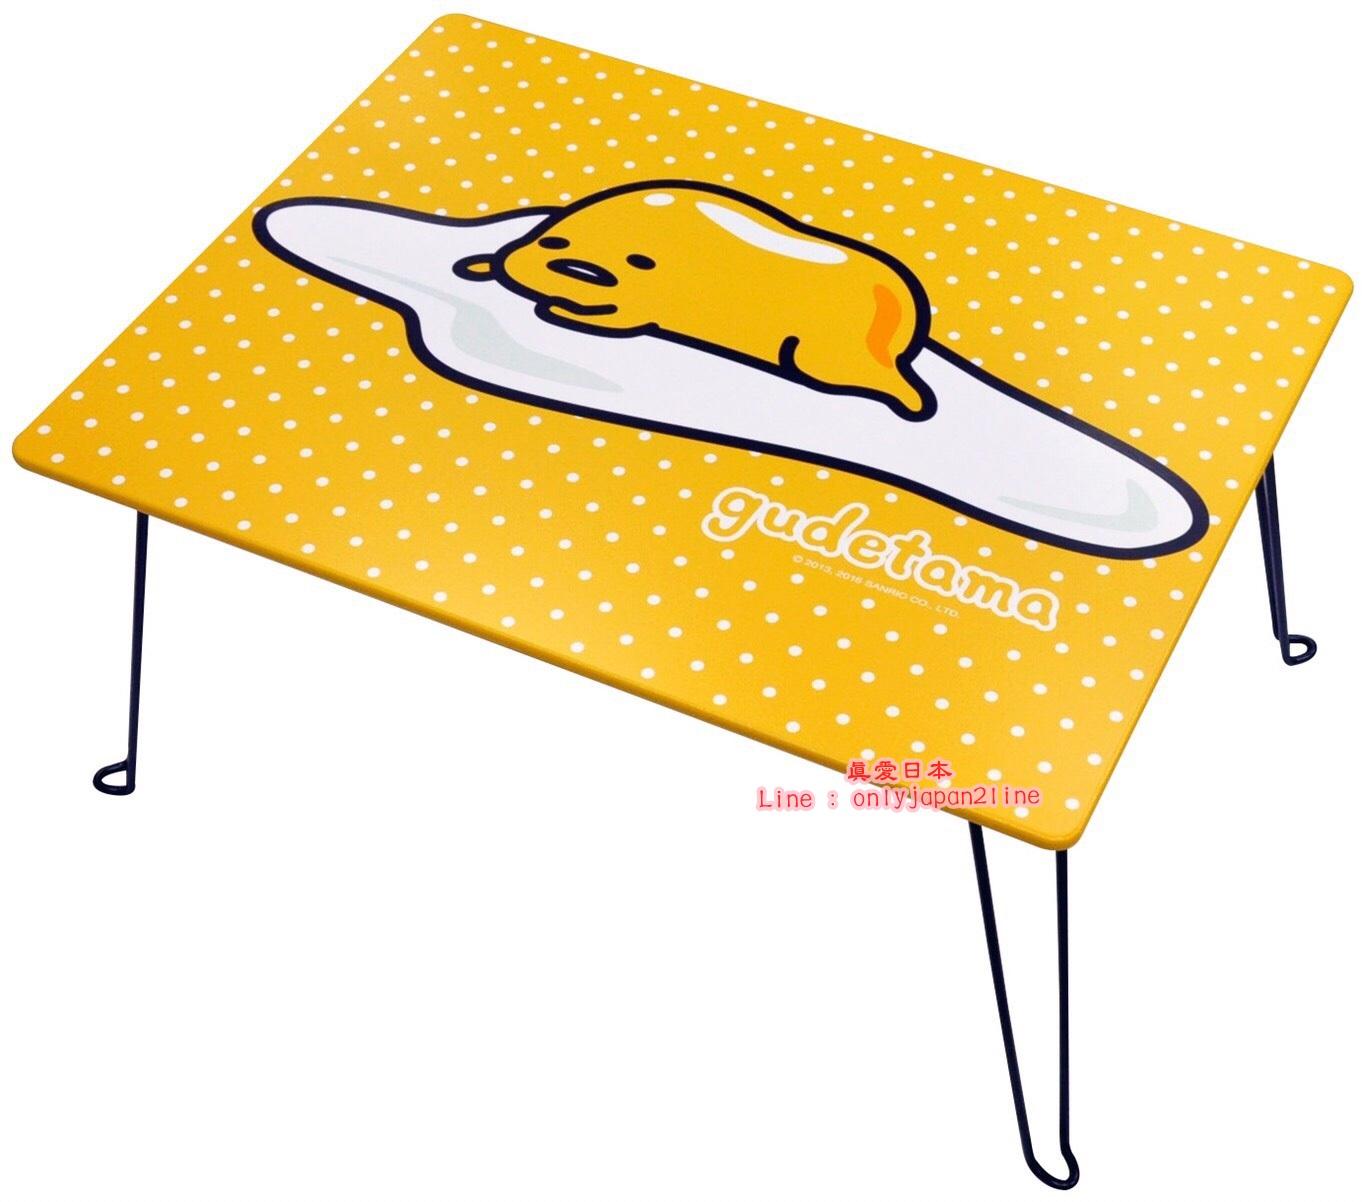 【真愛日本】16092900006   長桌-GU圓點  三麗鷗家族 蛋黃哥 Gudetama  長桌 書桌  木桌